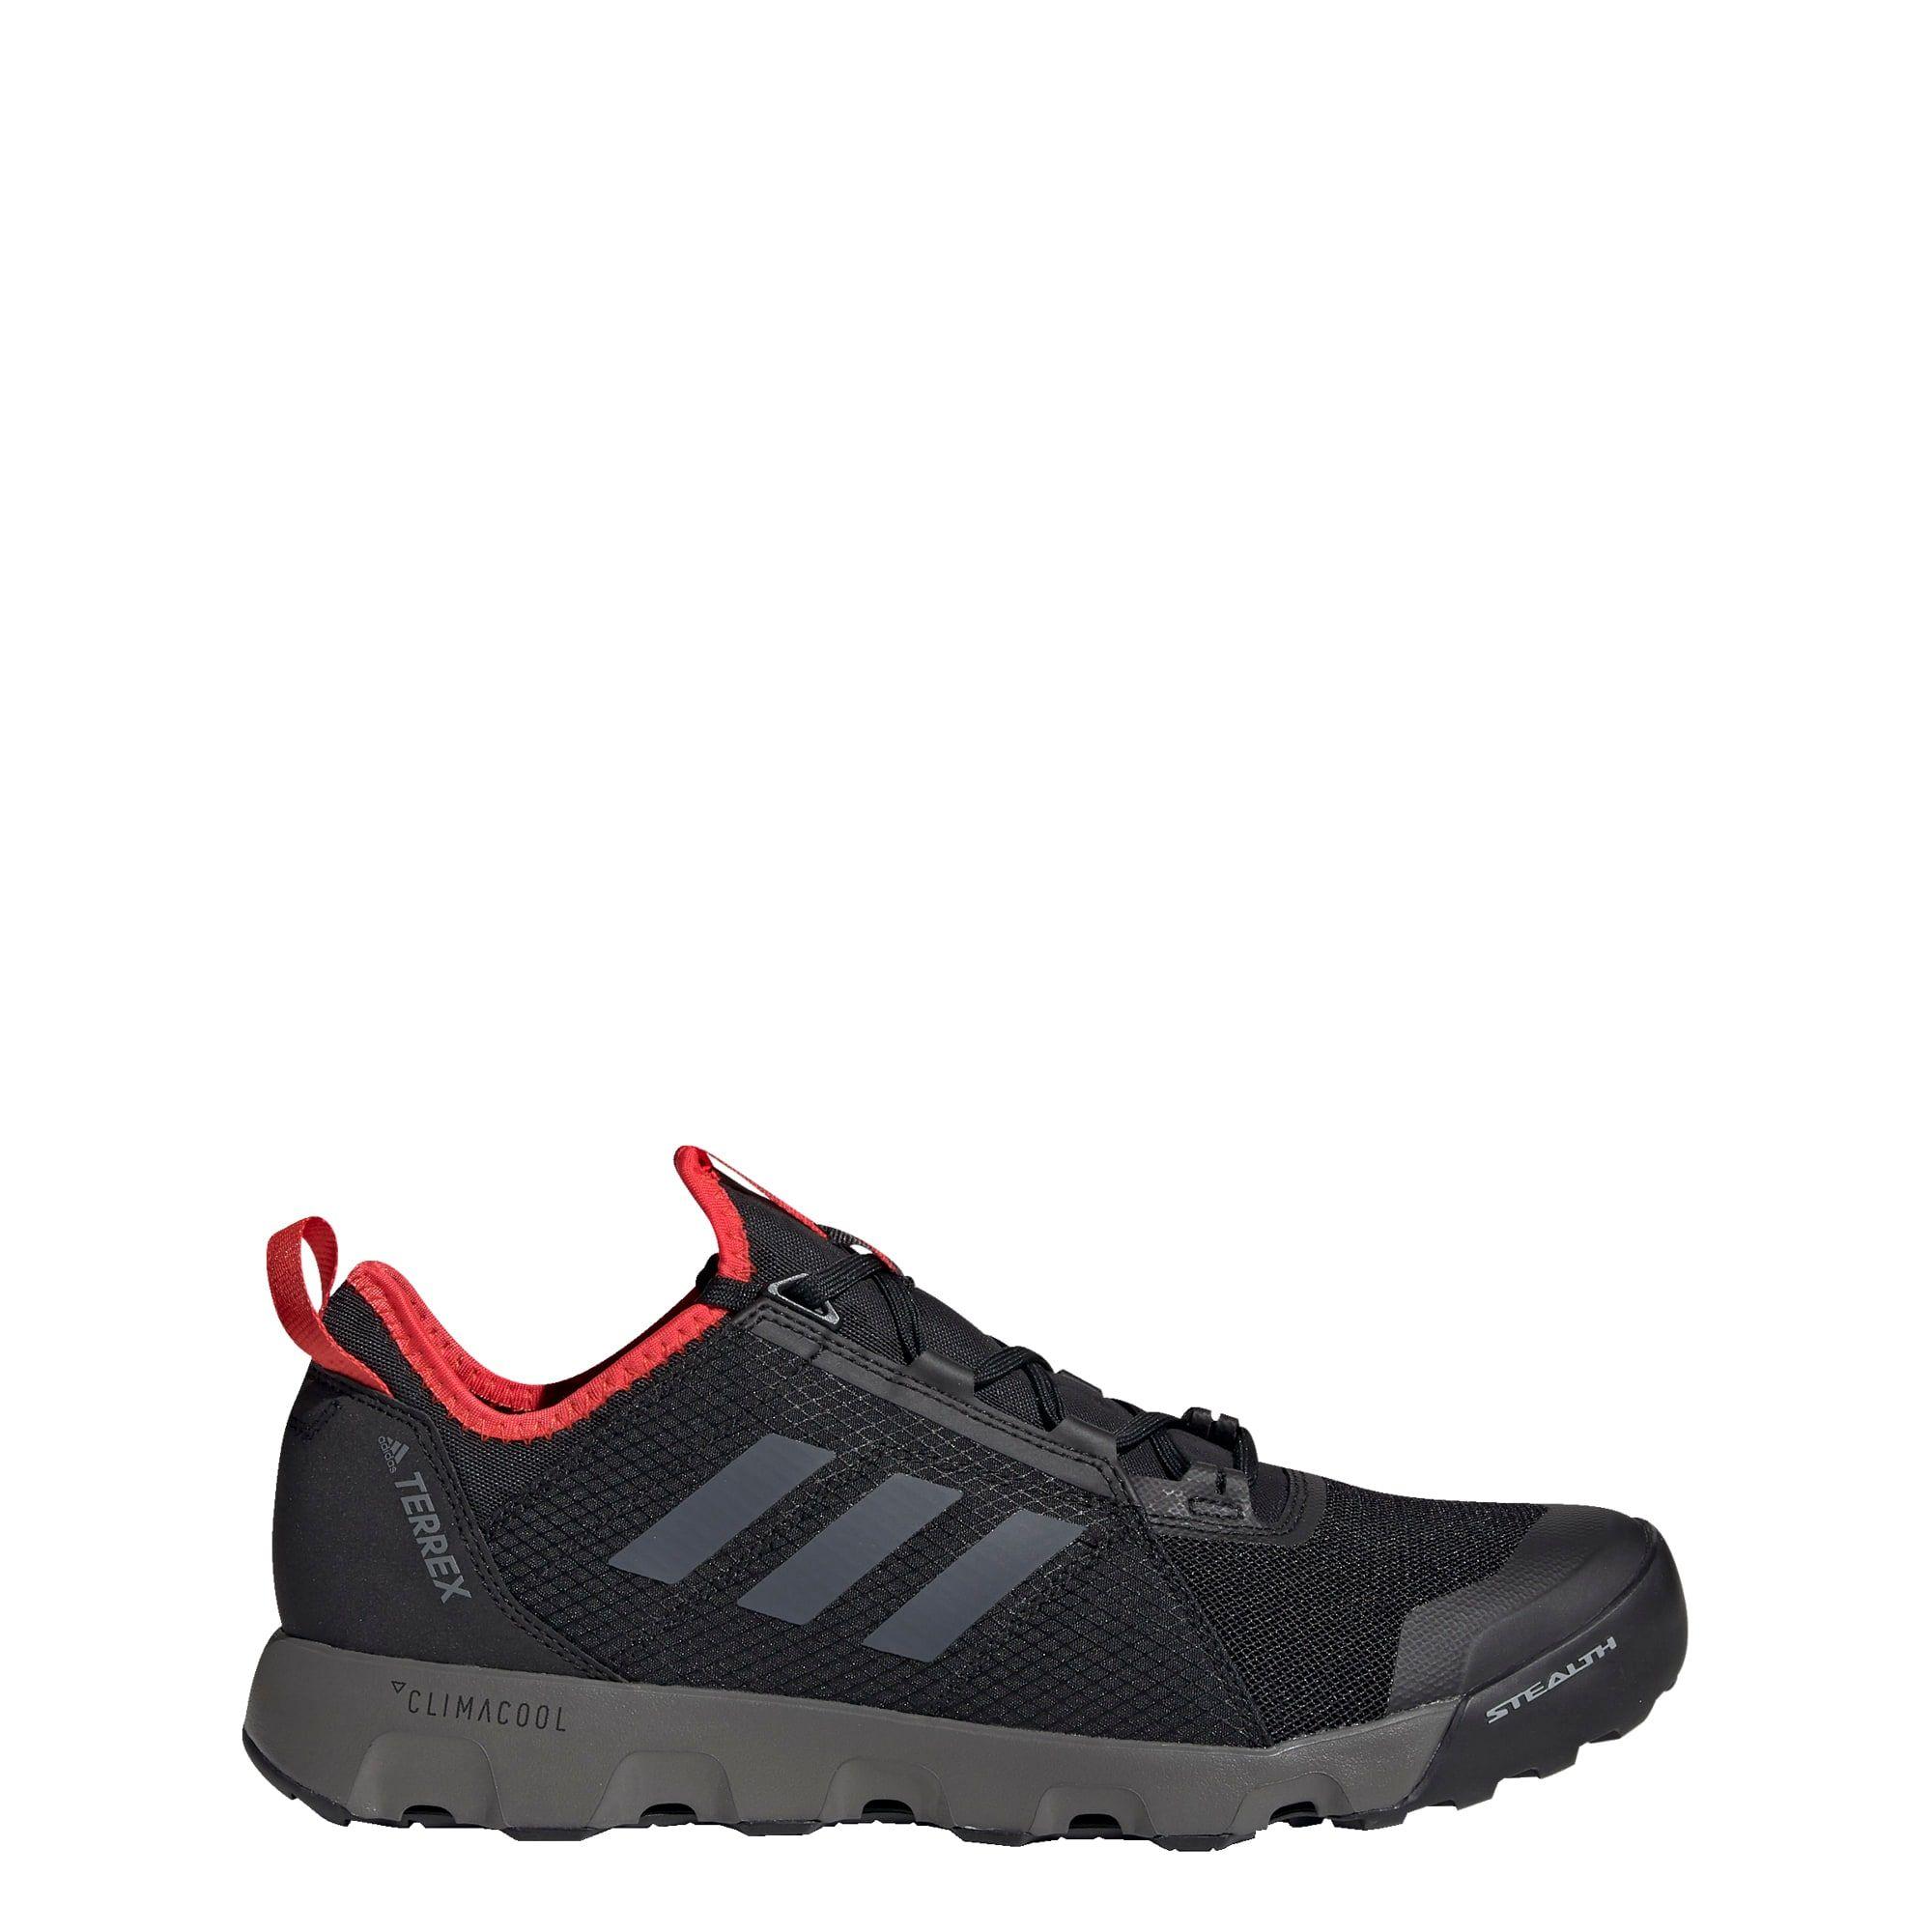 Adidas Performance Outdoorschuh Herren Schwarz Neonorange Grau Grosse 40 5 41 In 2020 Adidas Performance Schwarz Adidas